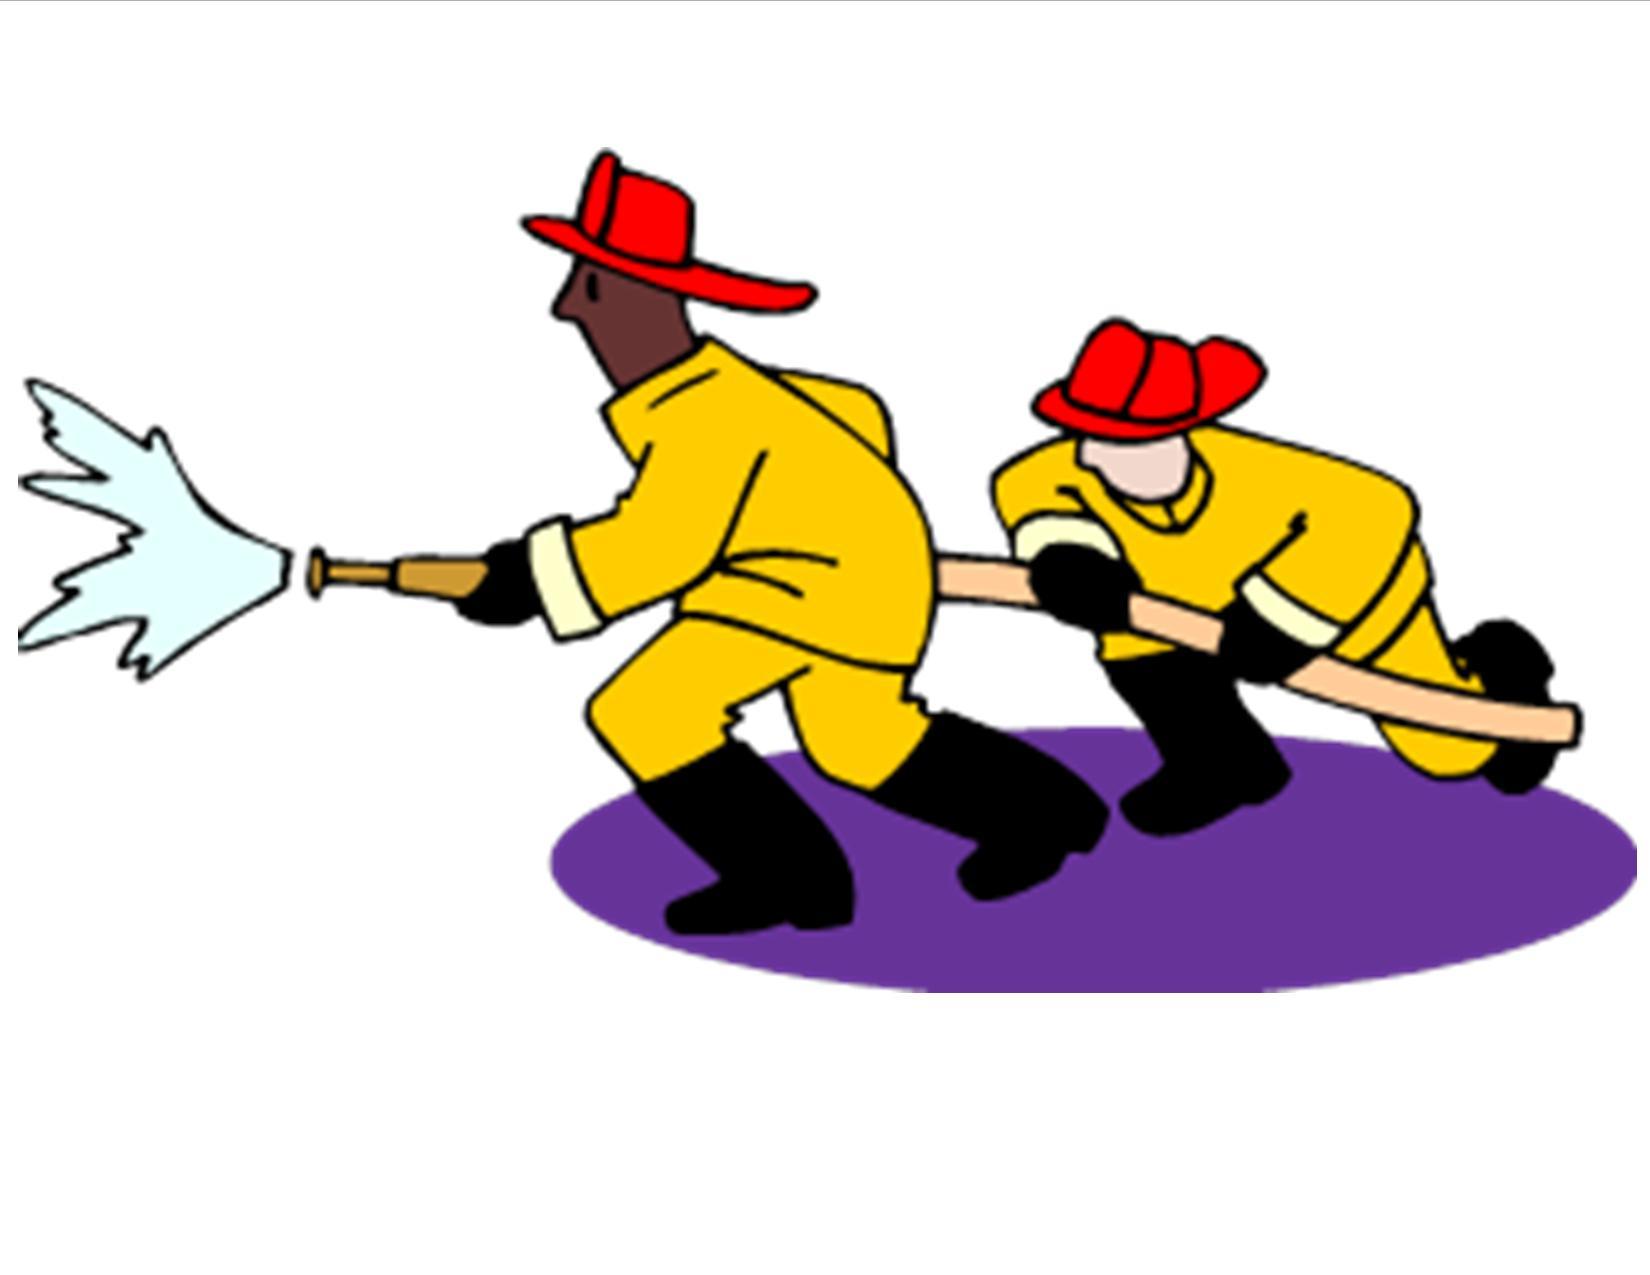 1650x1275 Fireman Firefighter Clip Art On Firefighters And Firemen 5